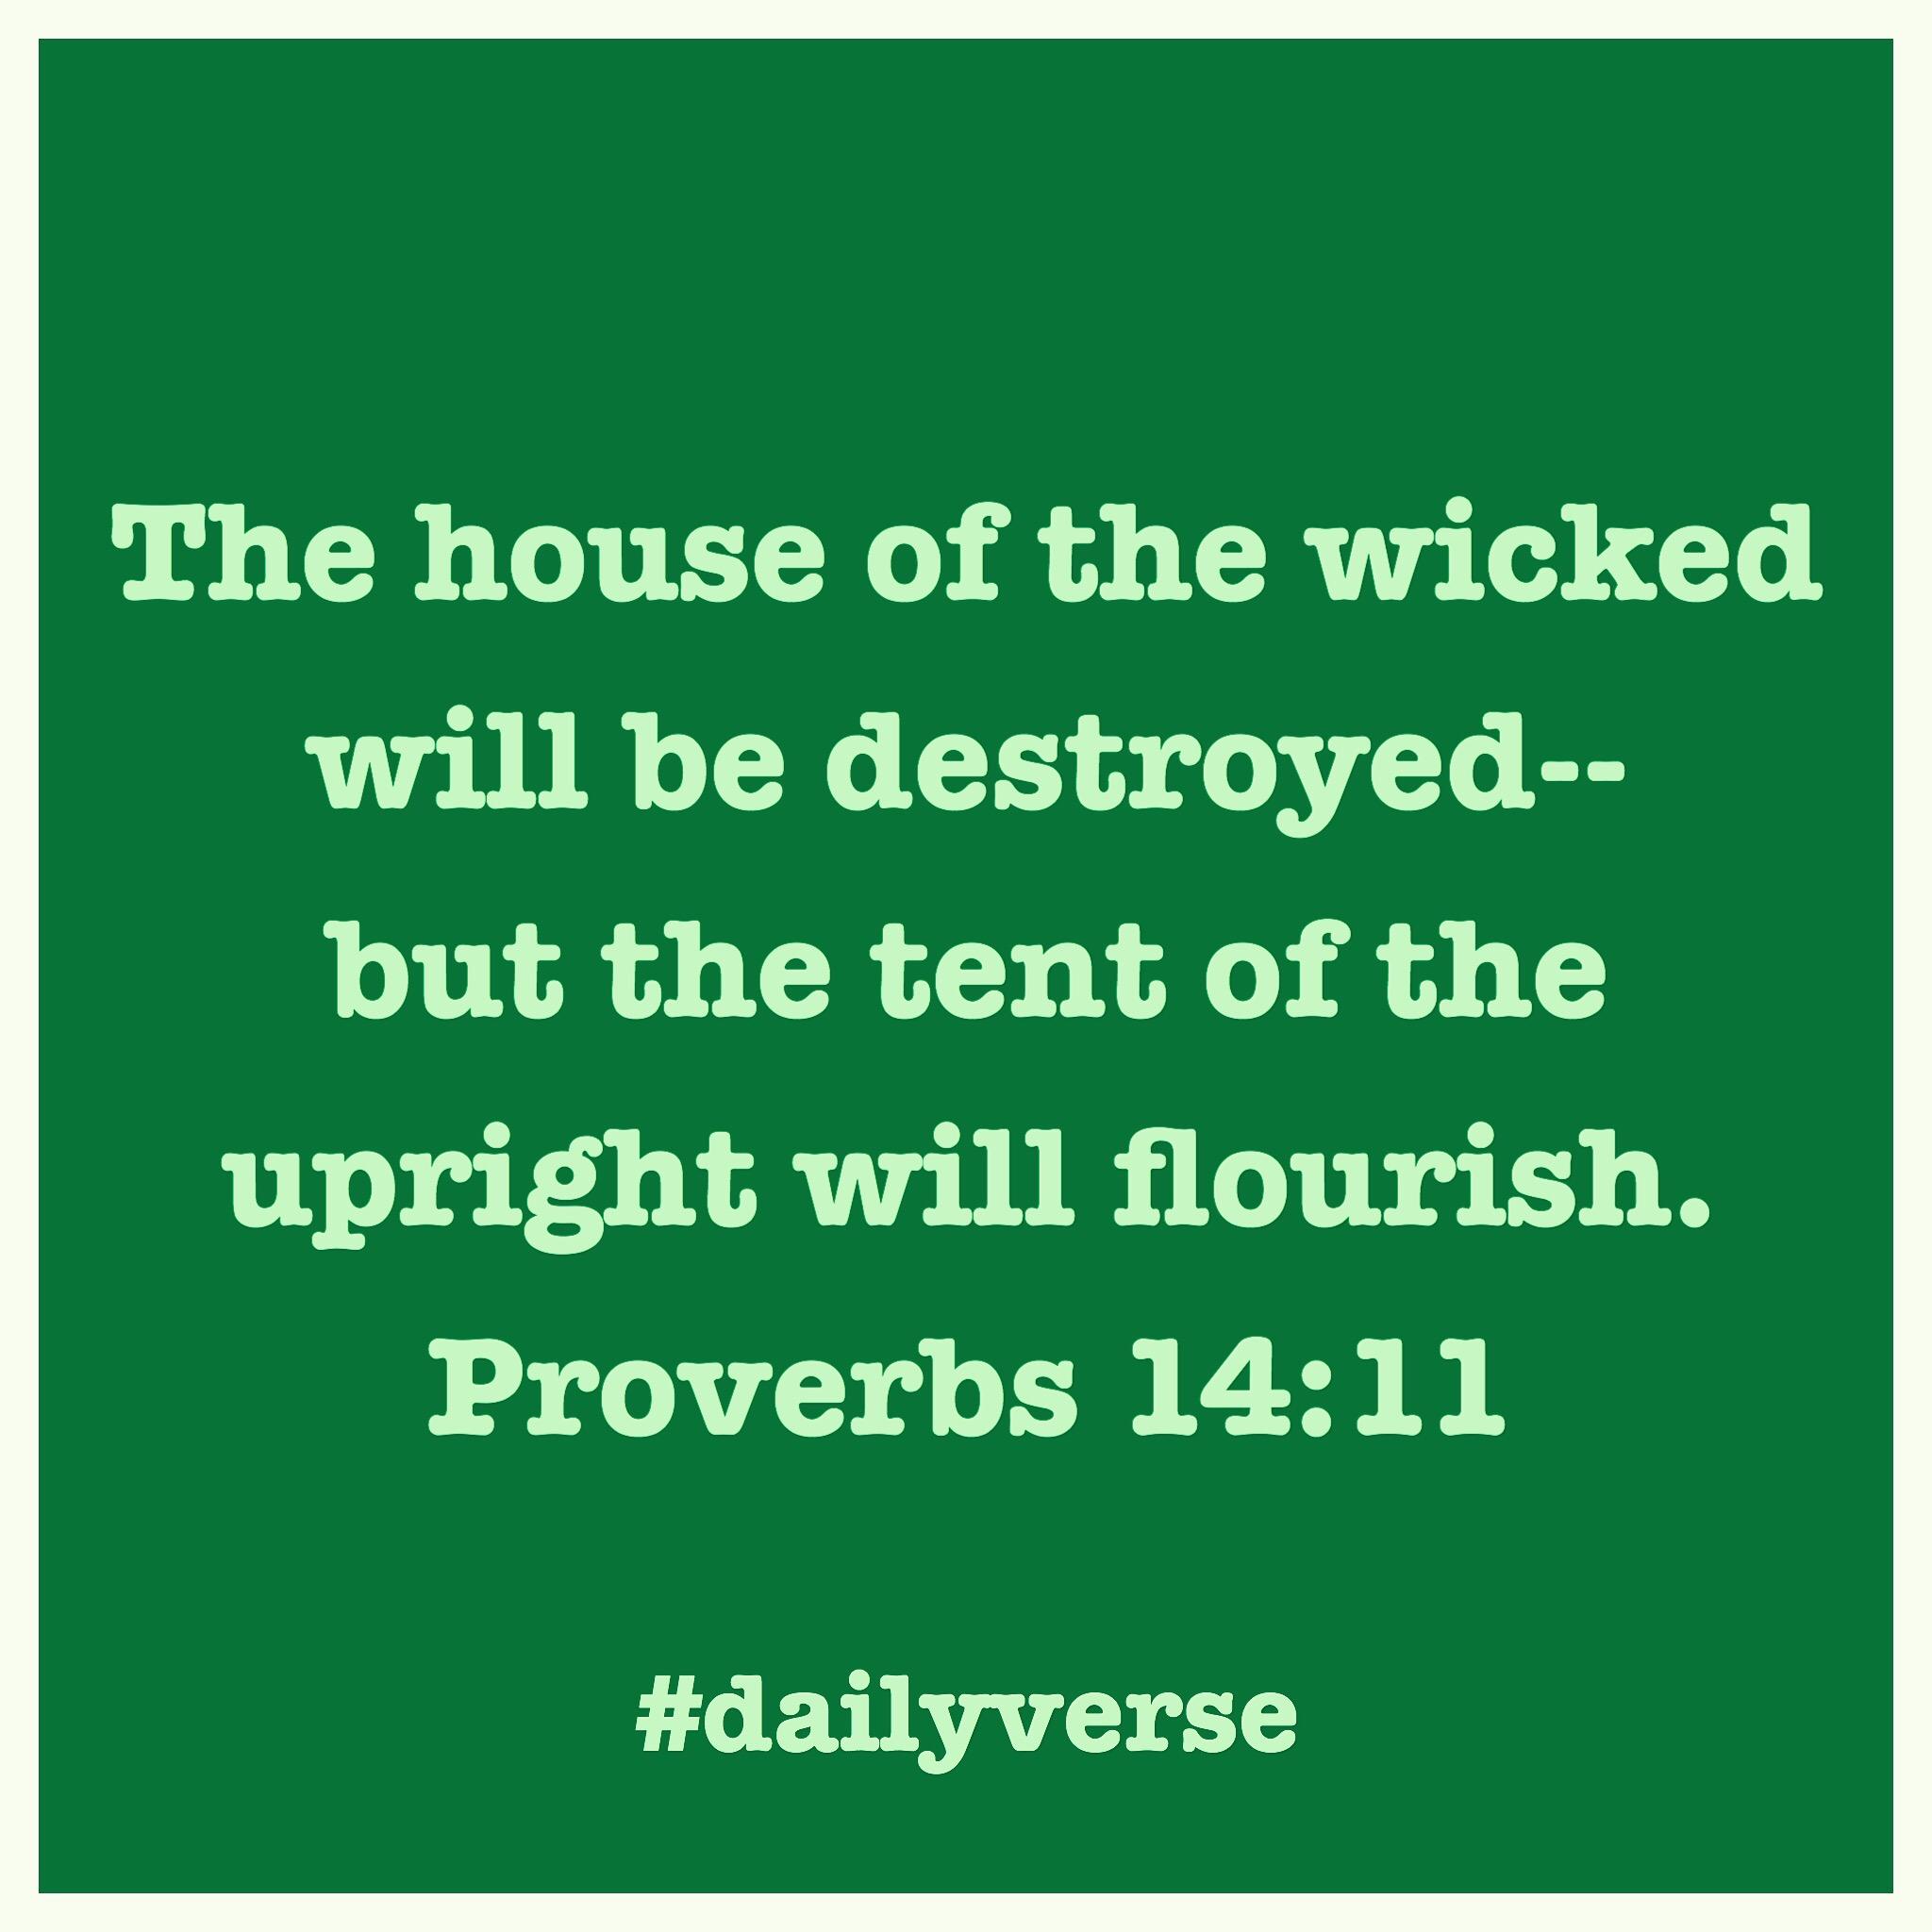 Proverbs 14:11